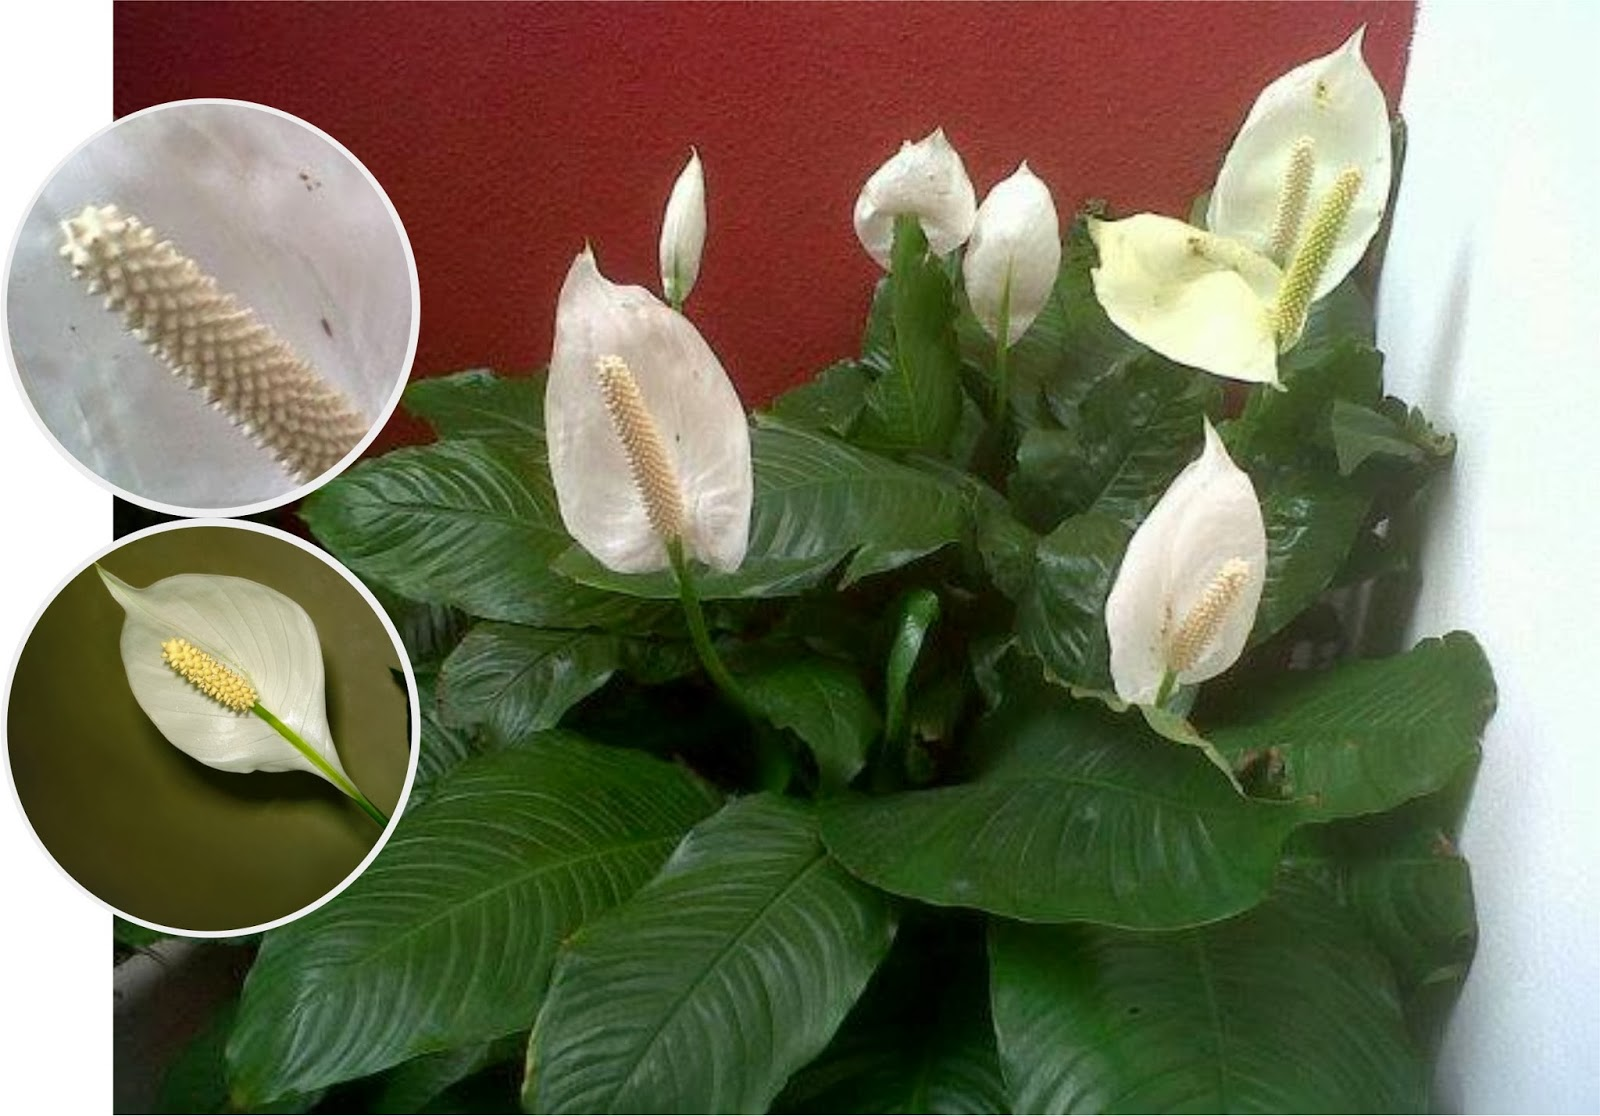 V e r d e c h a c o ornamentales en nuestros jardines 2 for 5 nombres de plantas ornamentales